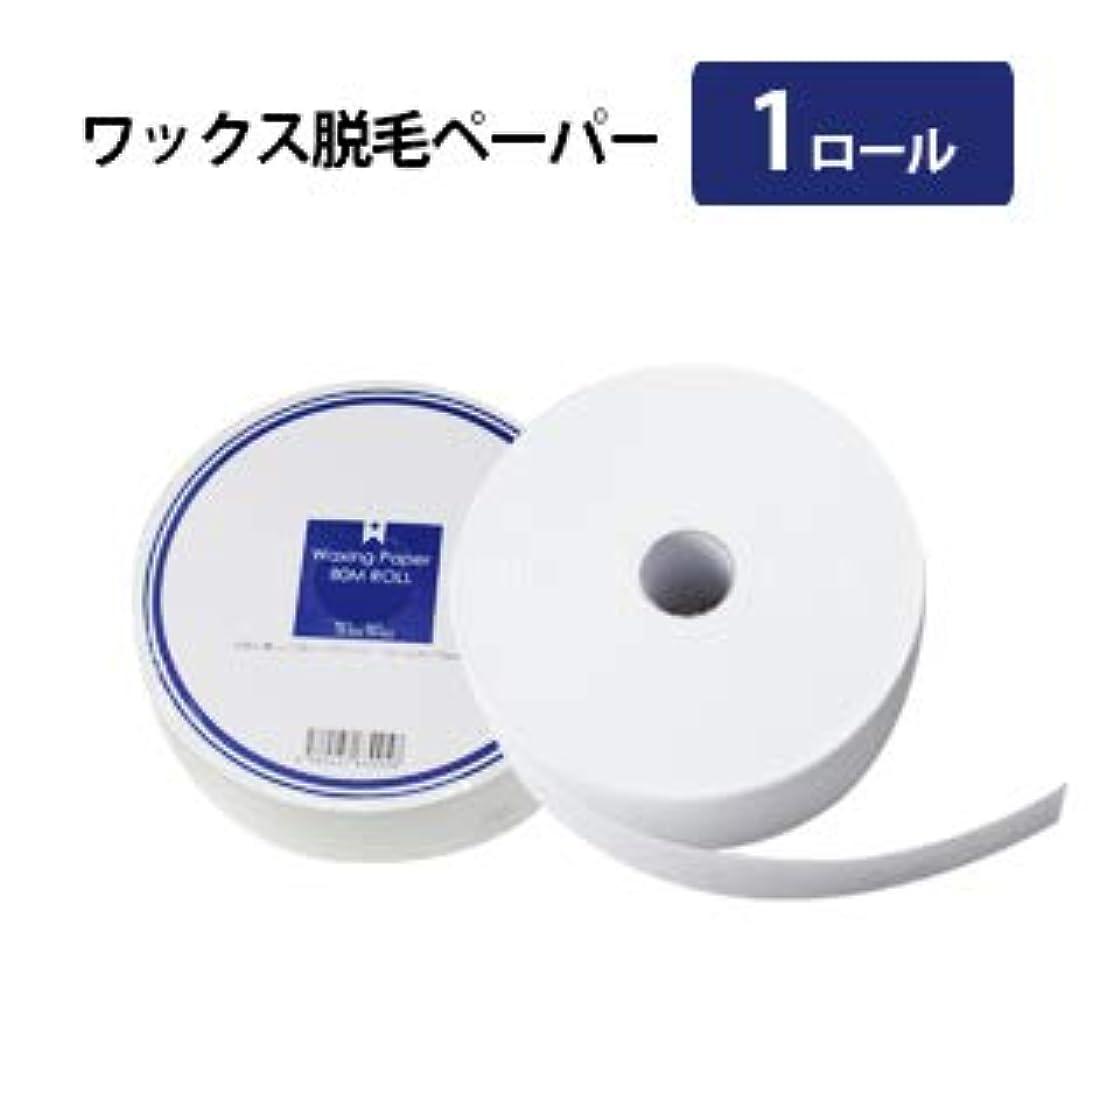 モンク精神世辞【不織布:8cm】ワックスロールペーパー 1巻